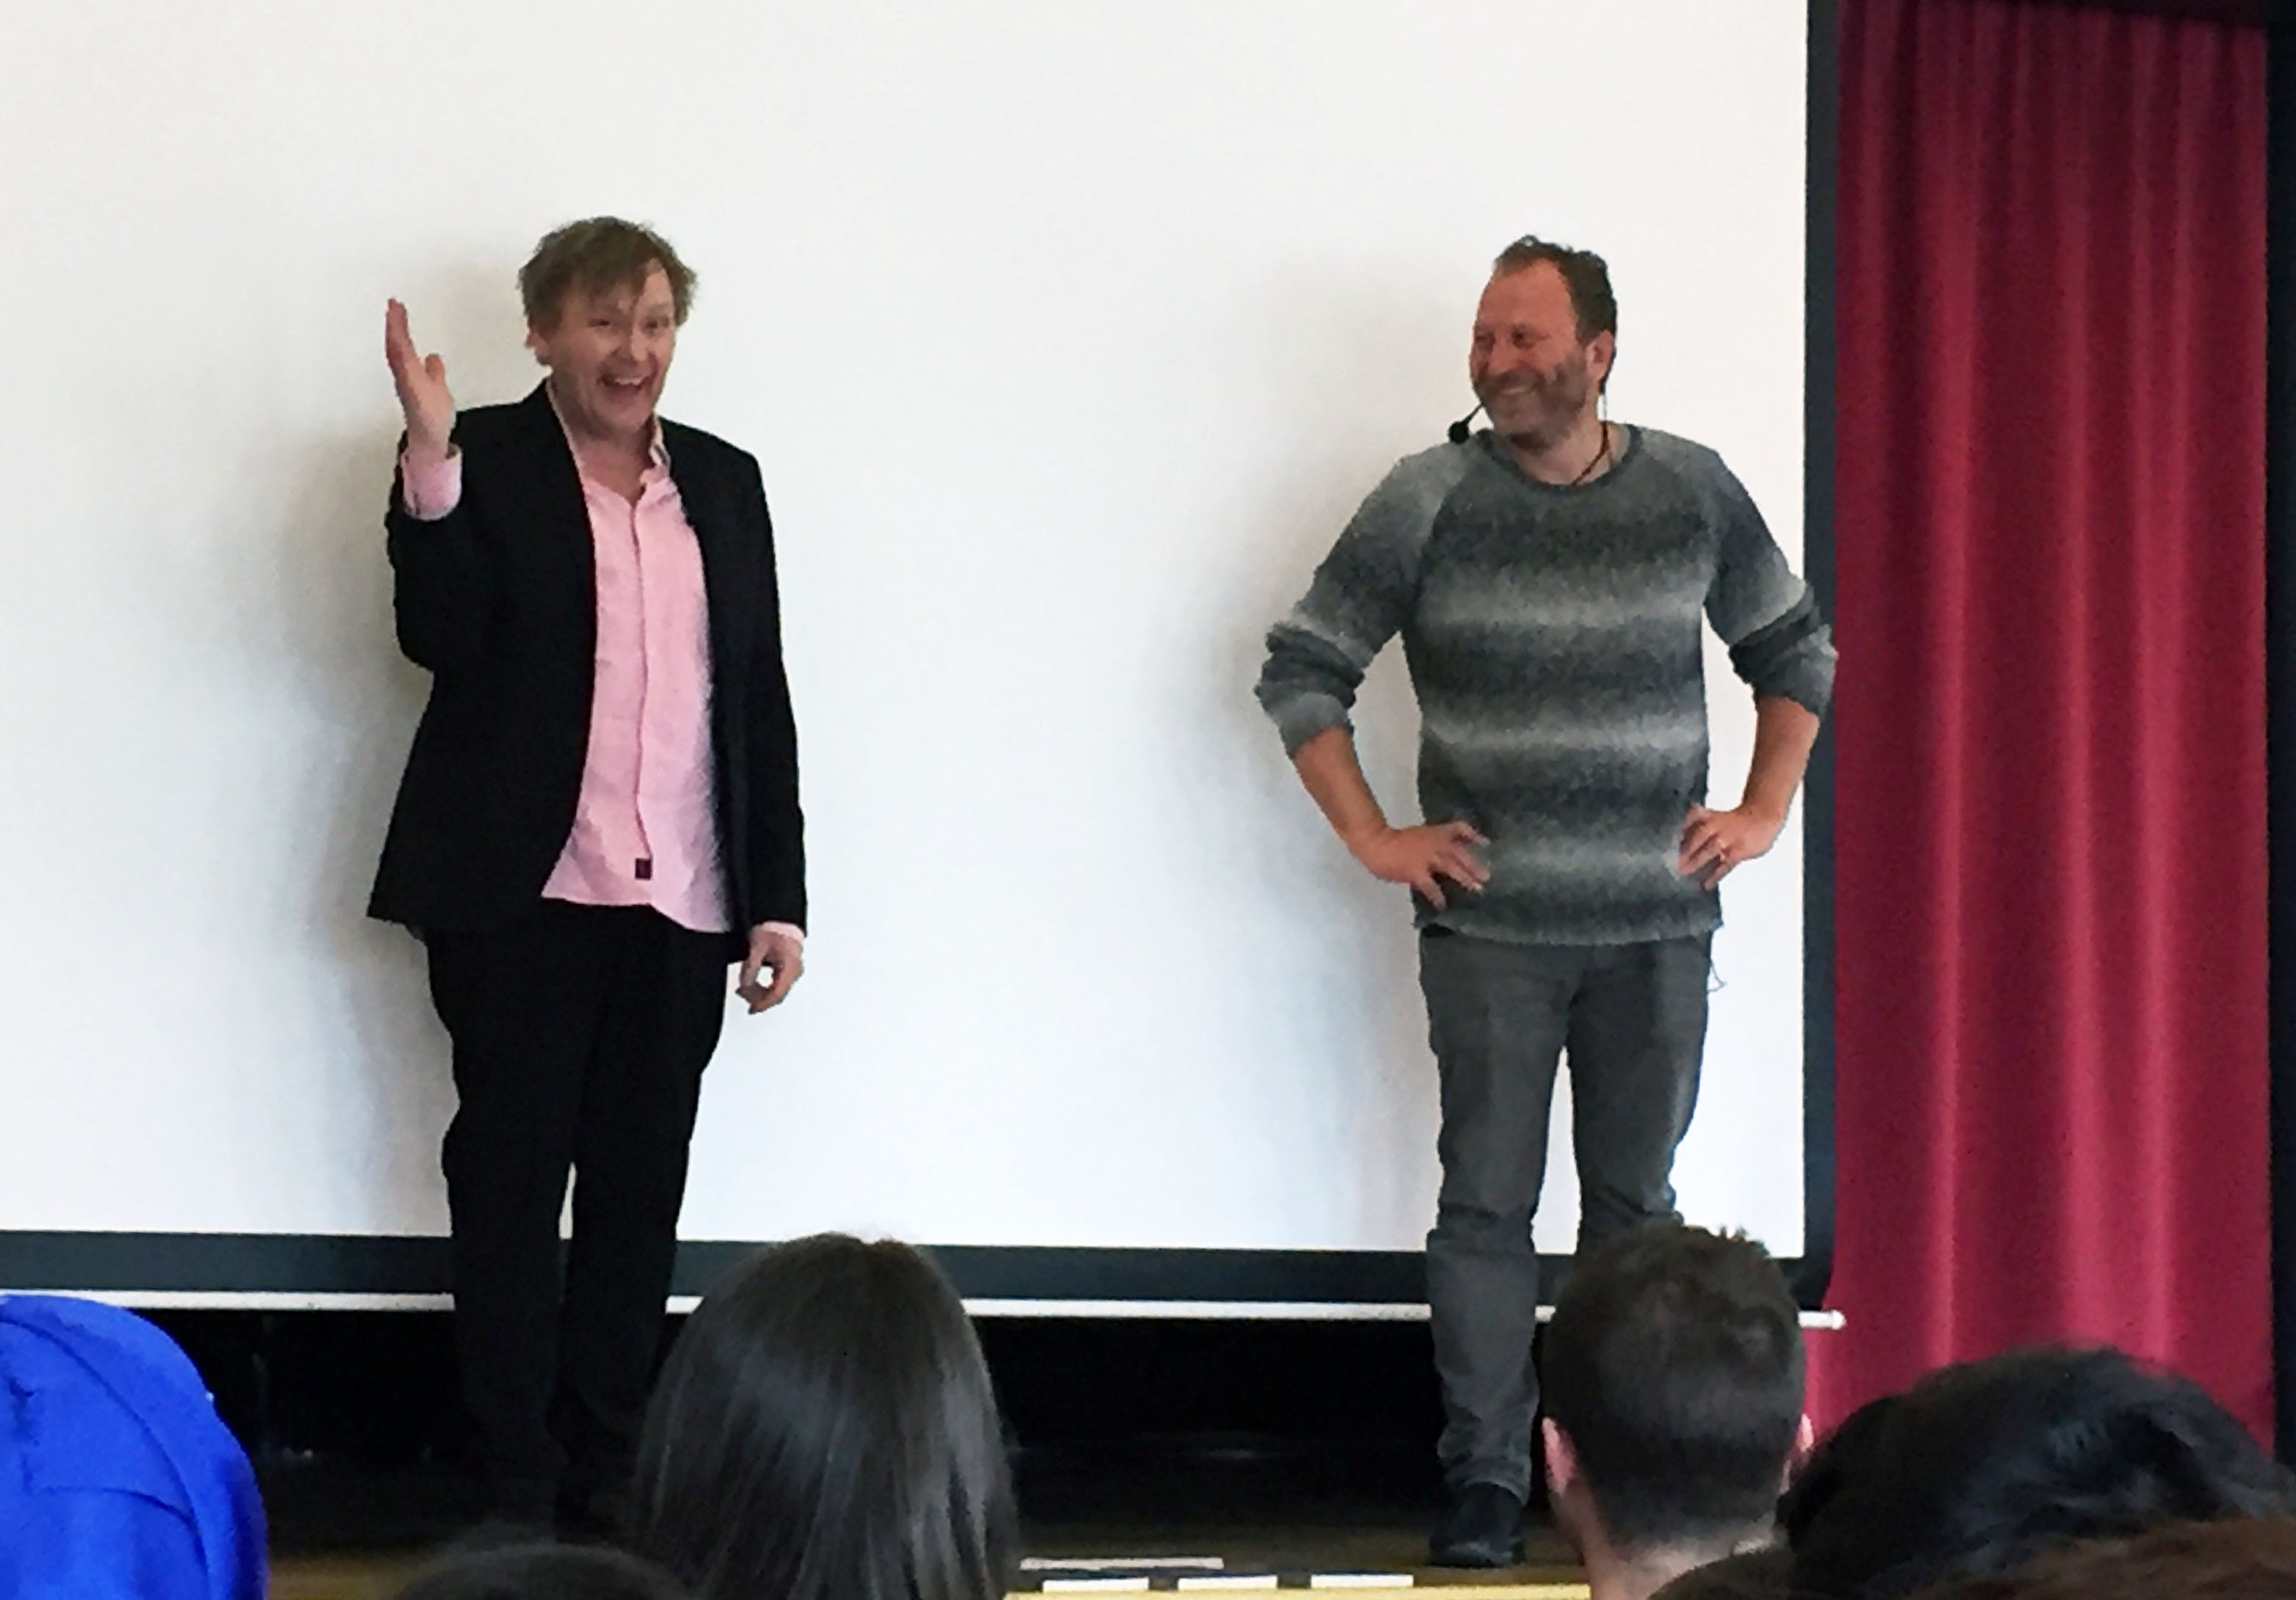 Anders och Sören står på scen och vinkar.